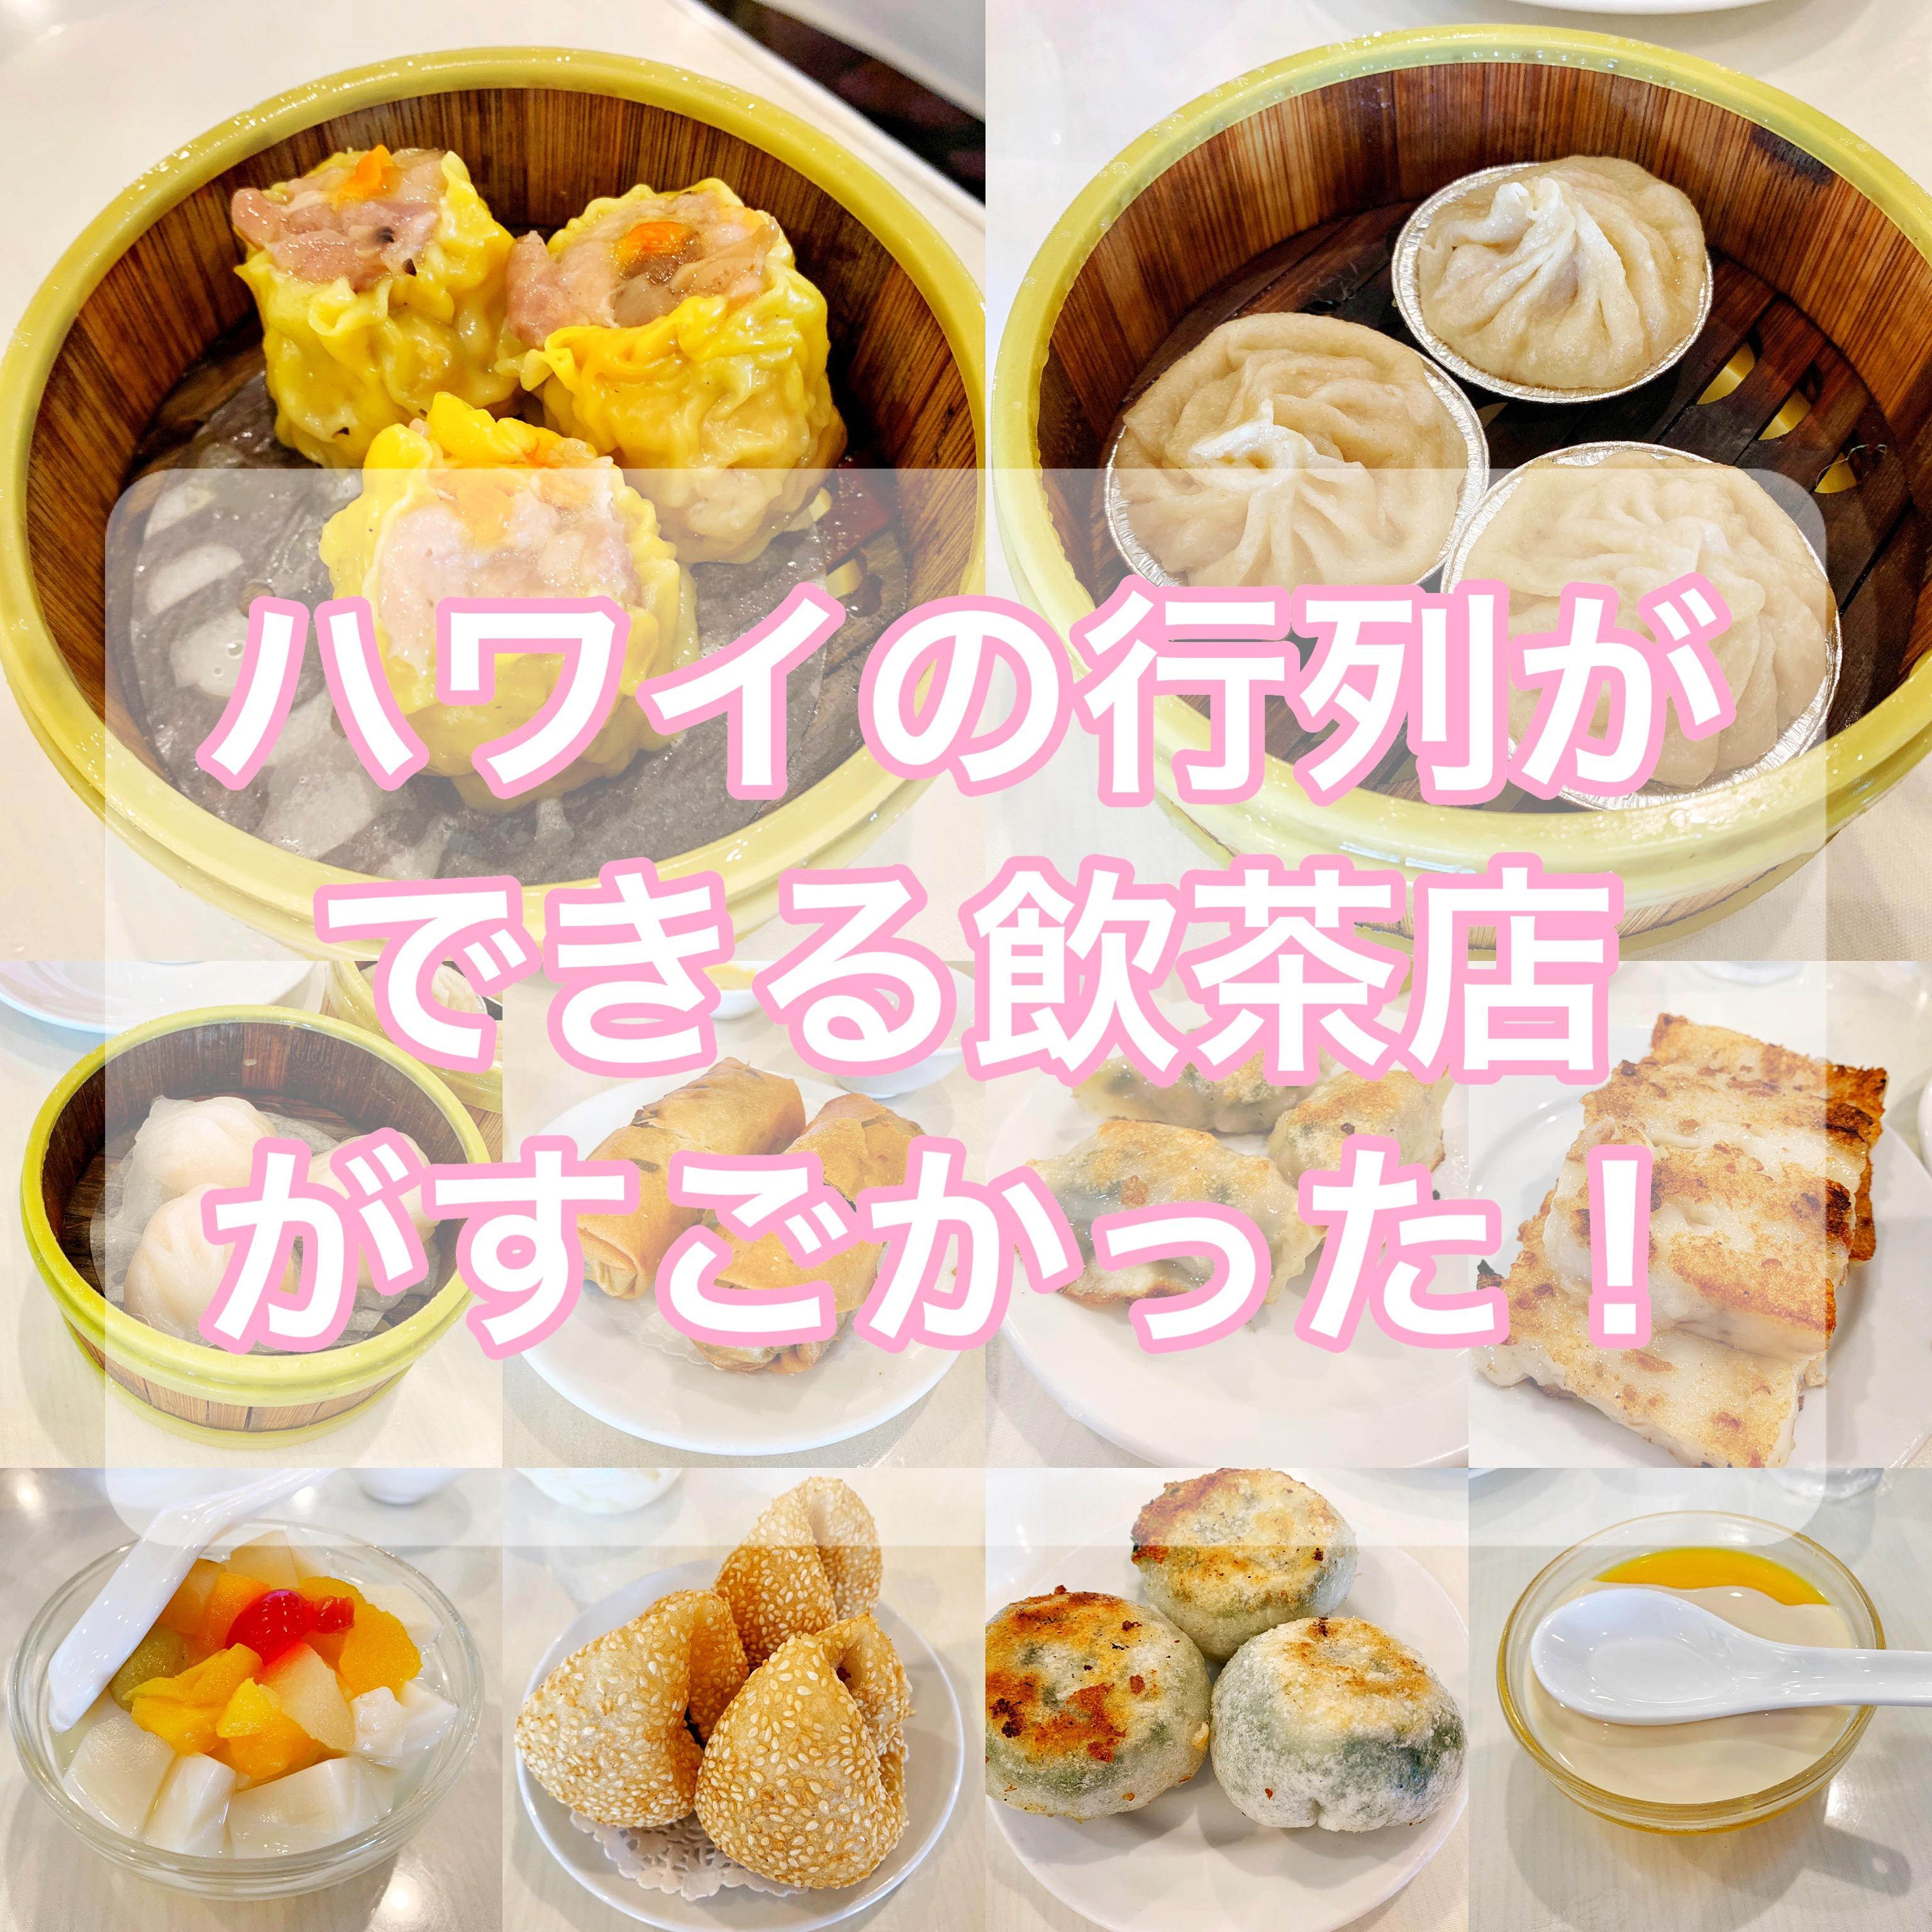 ハワイの行列ができる飲茶店『レジェンドシーフードレストラン』がすごかった!!